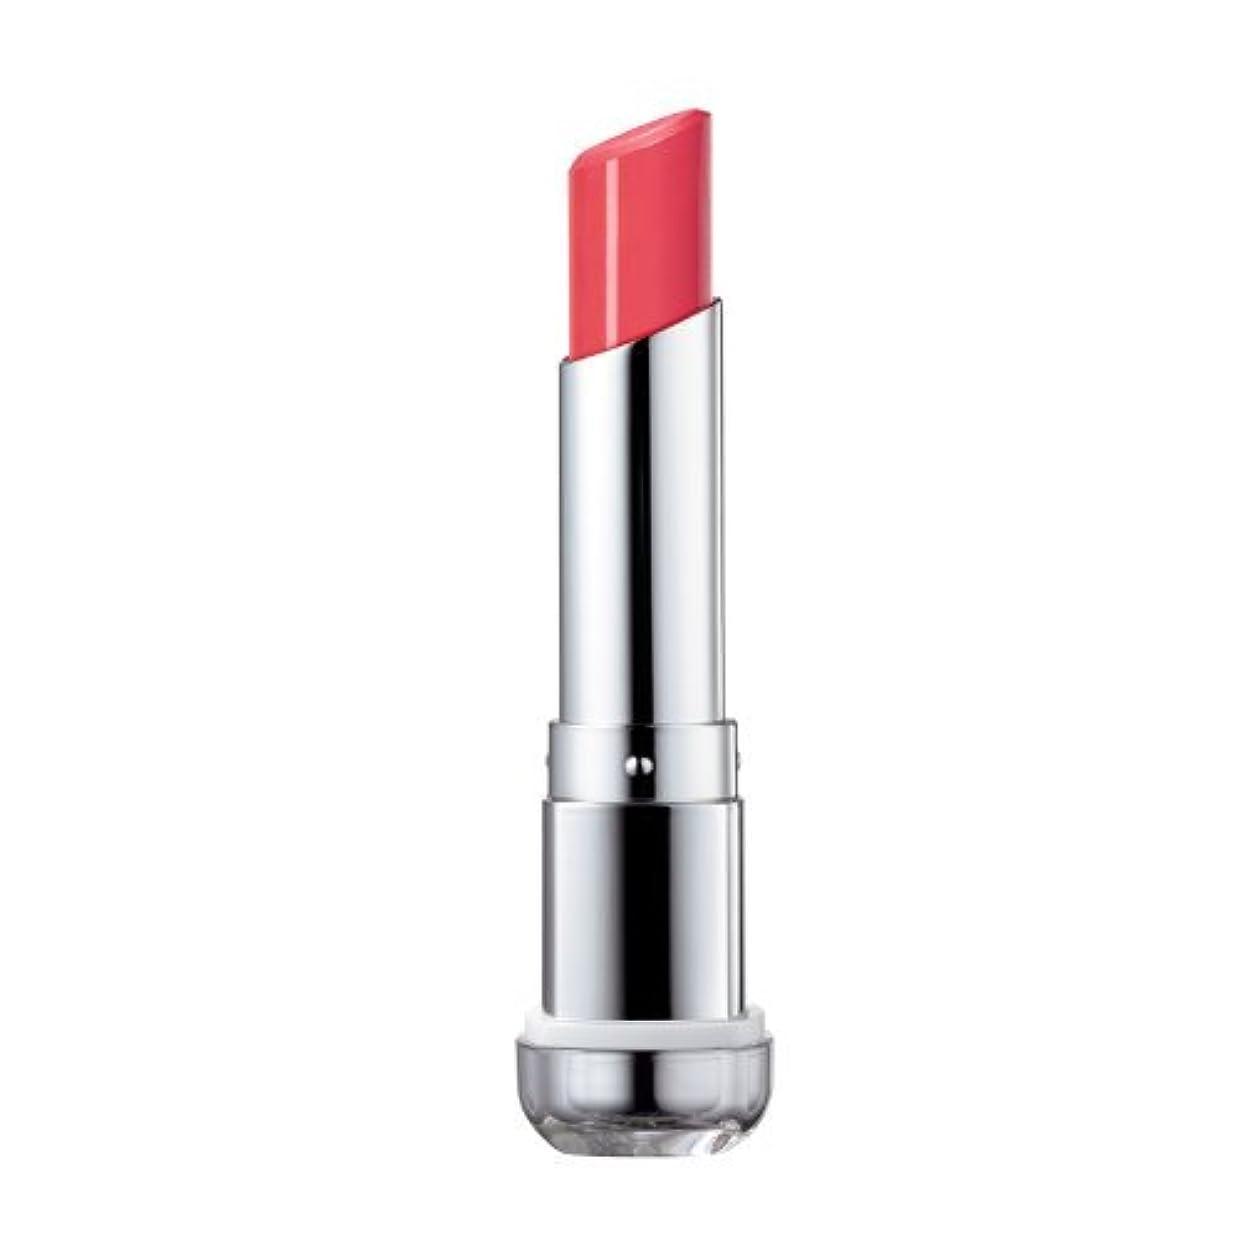 期待して砲撃はずLANEIGE Serum Intense Lipstick (LR101 Lollipop Pink)